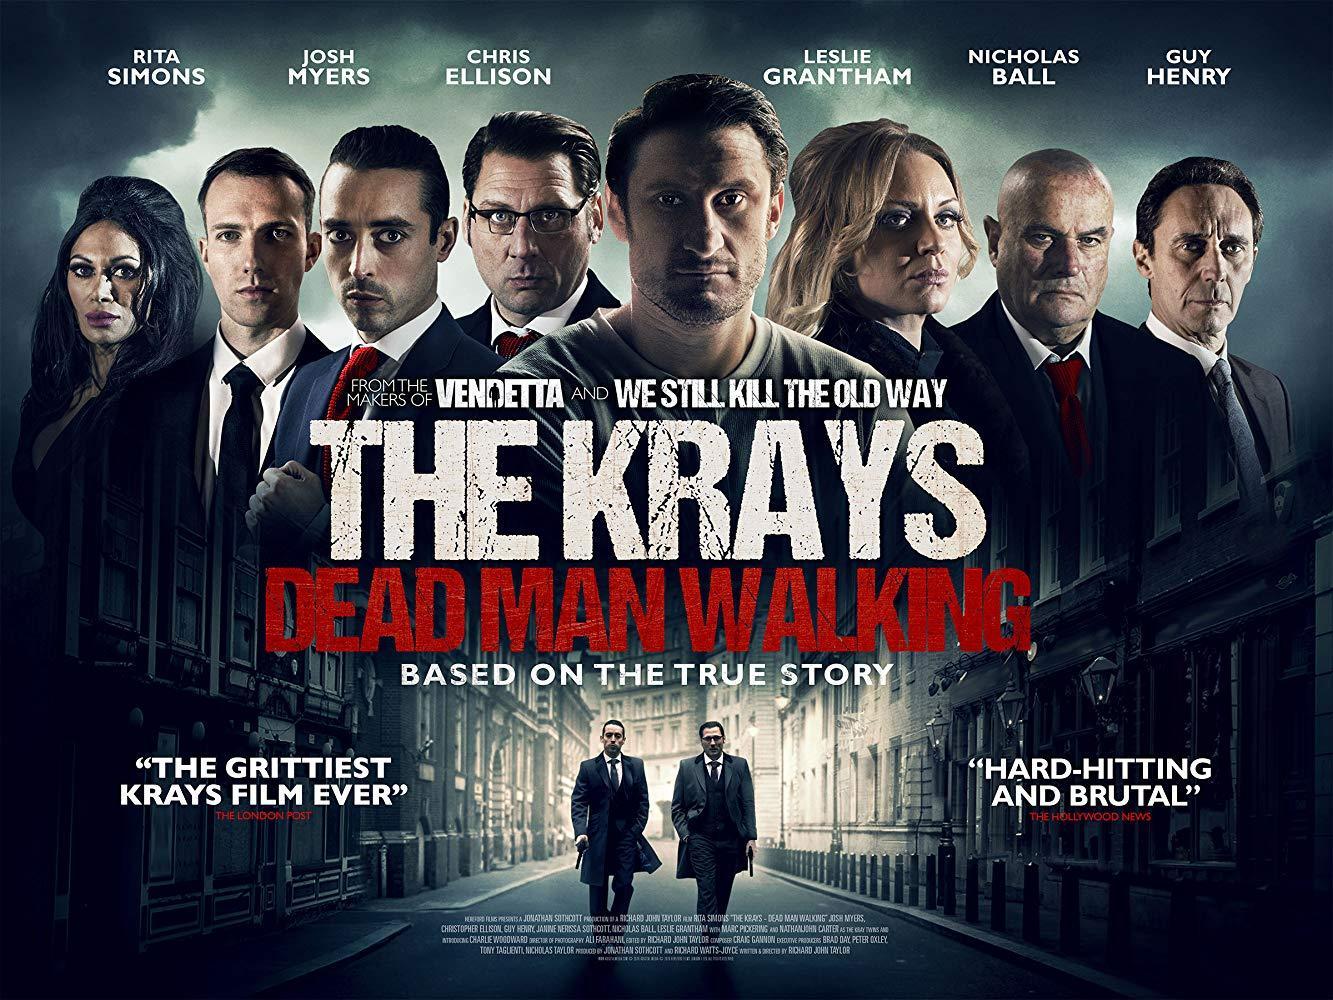 مشاهدة فيلم The Krays Dead Man Walking 2018 HD مترجم كامل اون لاين